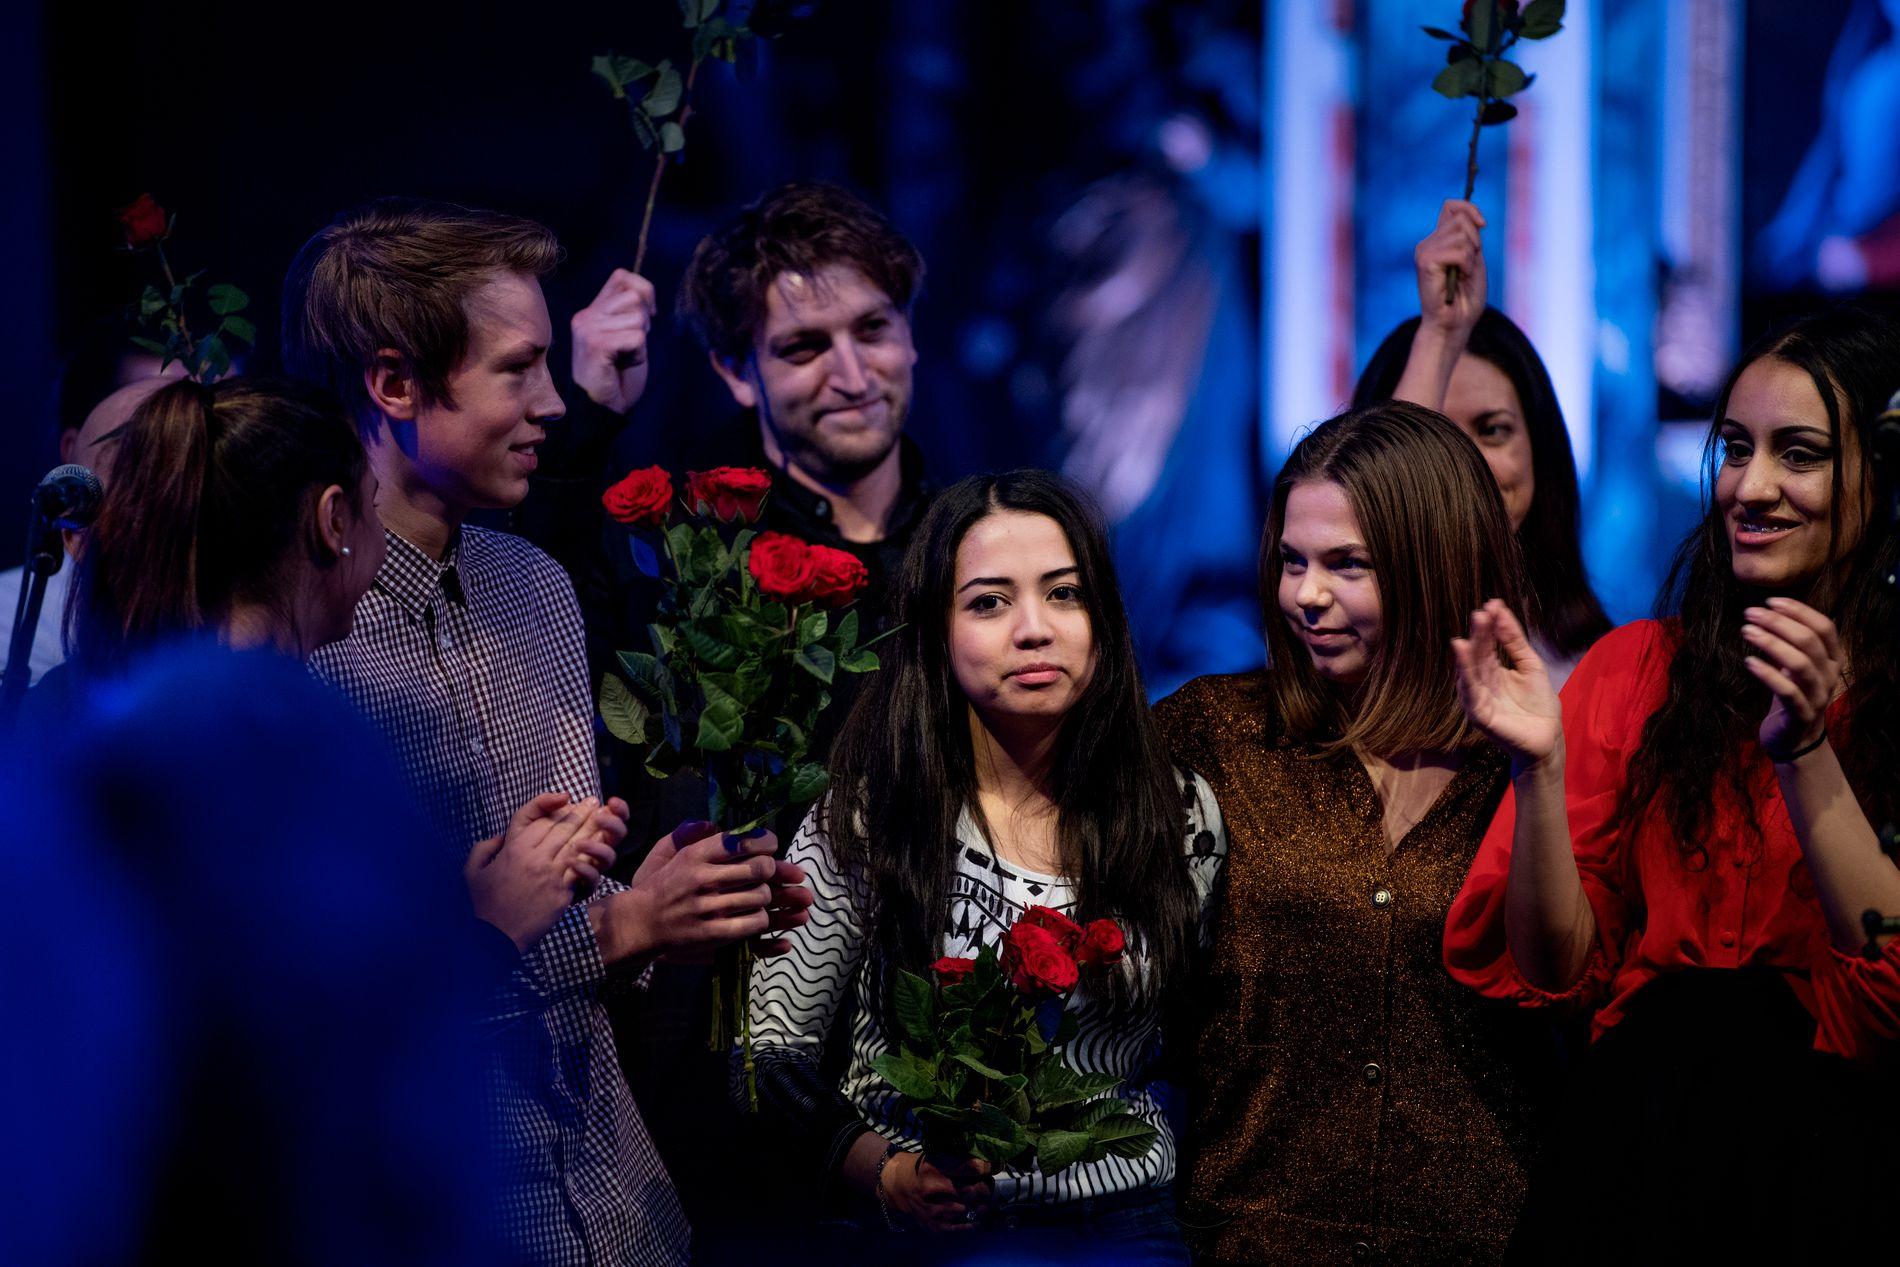 FÅR STØTTE: Lokalbefolkningen i Trondheim reagerer sterkt på at Abbasi-familien ble tvangsutsendt. Her er Taibeh (20) på scenen under en støttekonsert for familien i 2018.